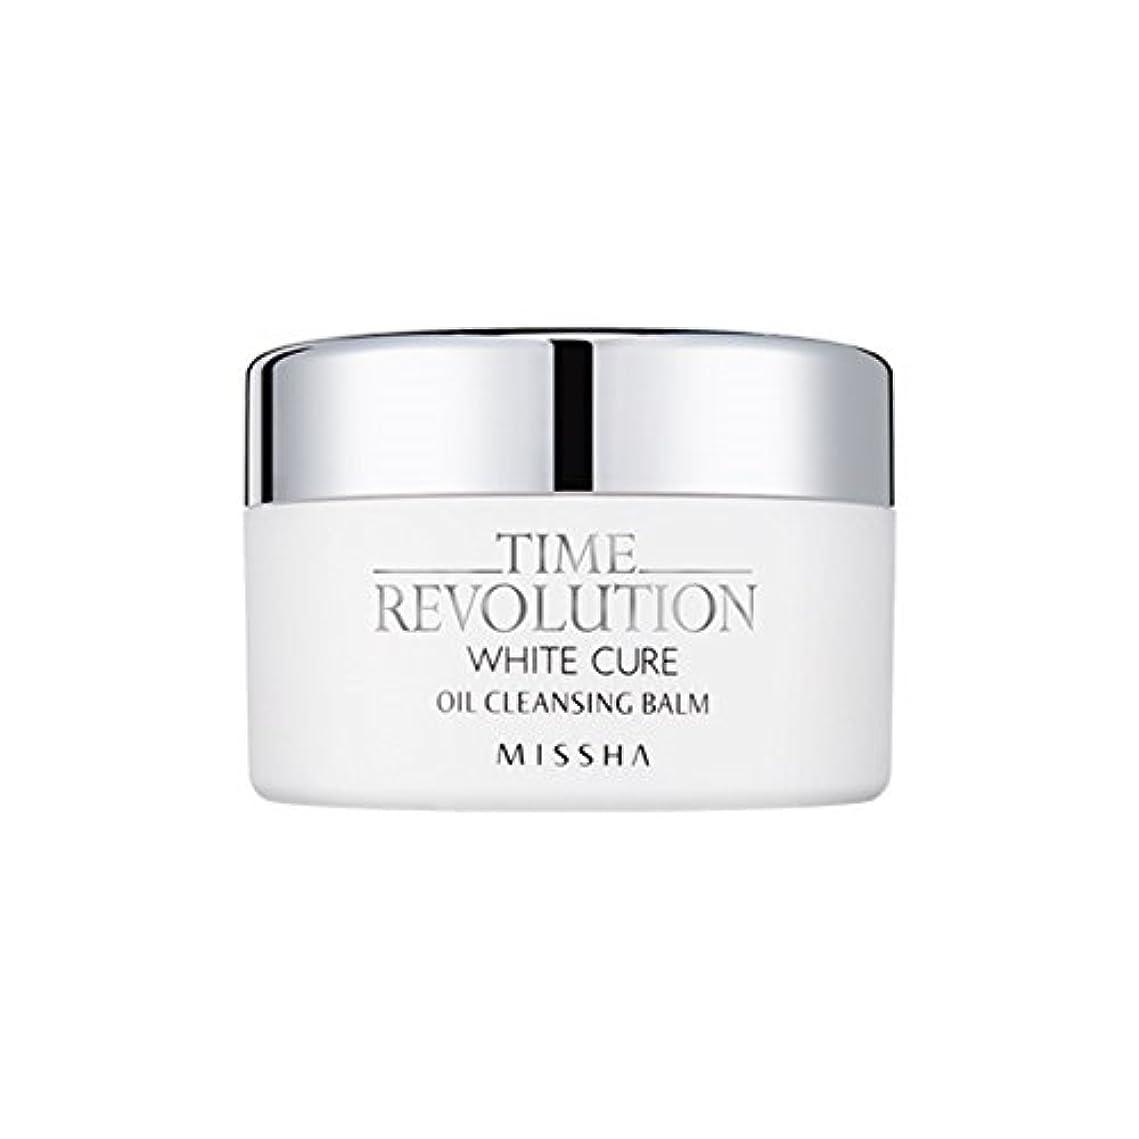 カフェセージヒント[New] MISSHA Time Revolution White Cure Oil Cleansing Balm 105g/ミシャ タイムレボリューション ホワイト キュア オイル クレンジング バーム 105g